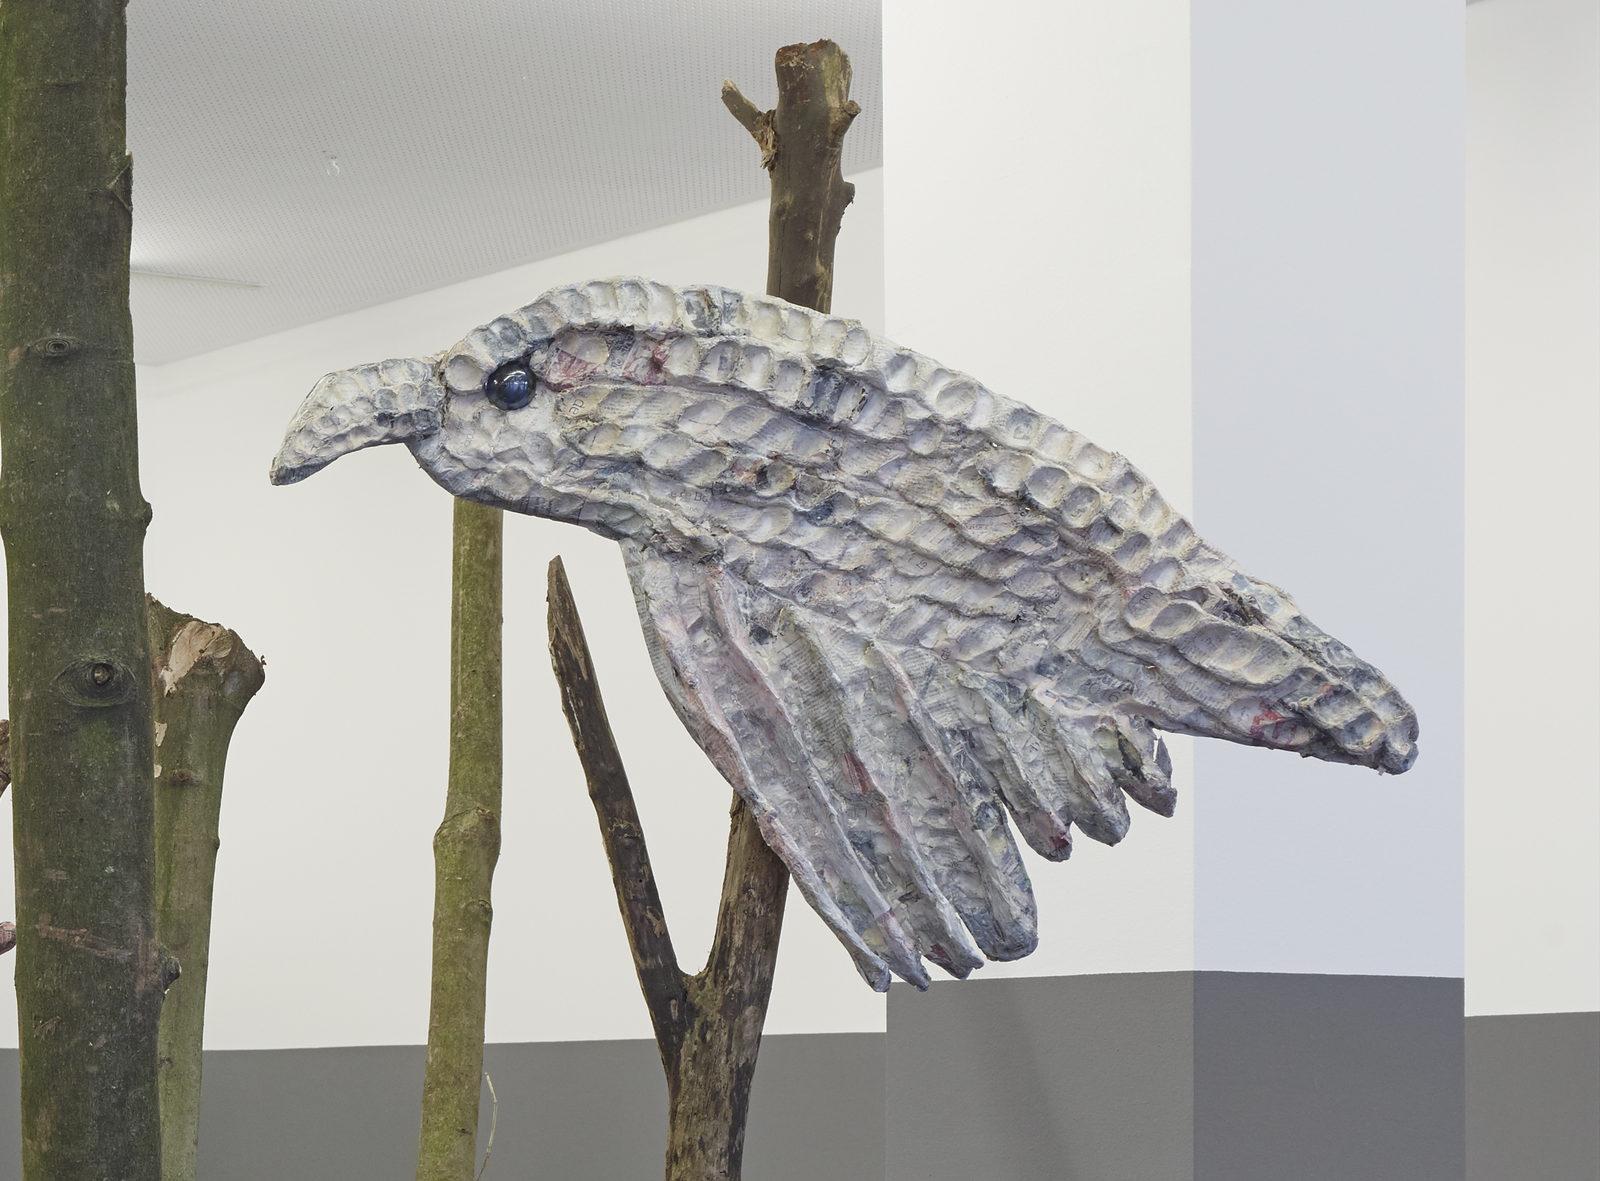 10_Shelly Nadashi NESTING BOX, Installation View_Dortmunder Kunstverein, Photo Simon Vogel